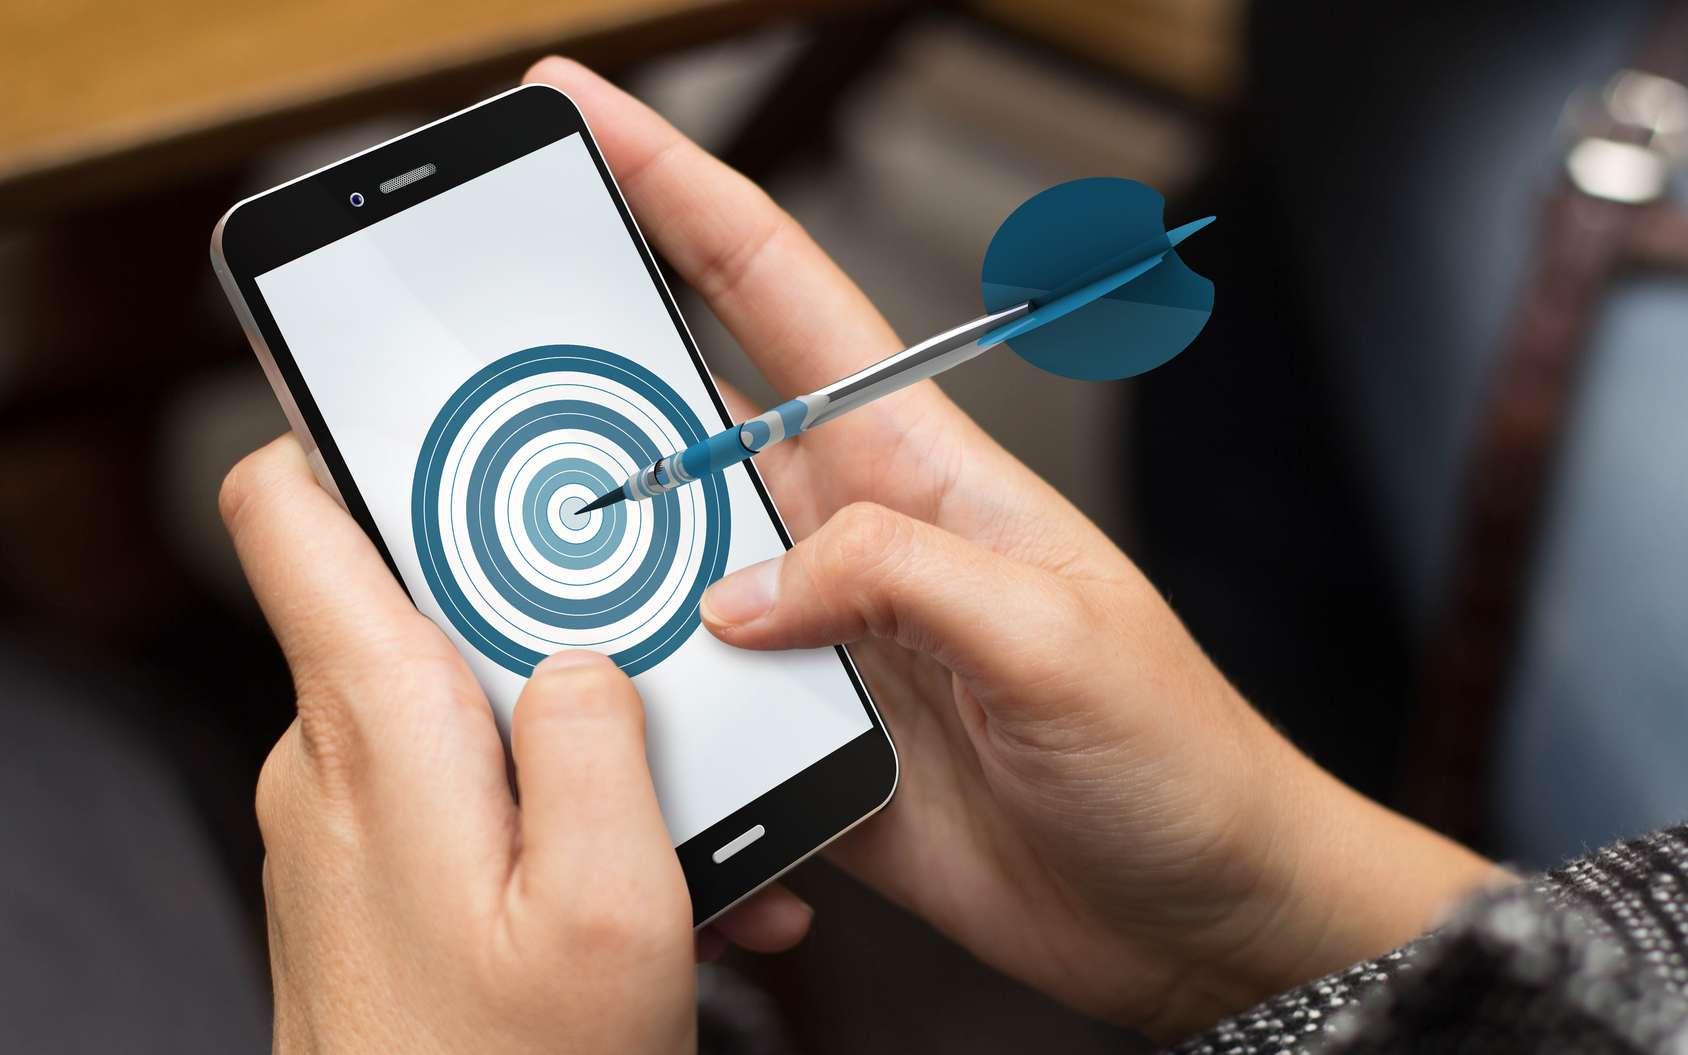 La publicité est la pierre angulaire du modèle économique de Google qui se sert du ciblage pour la rendre plus « pertinente » pour ses utilisateurs. © georgejmclittle, Fotolia